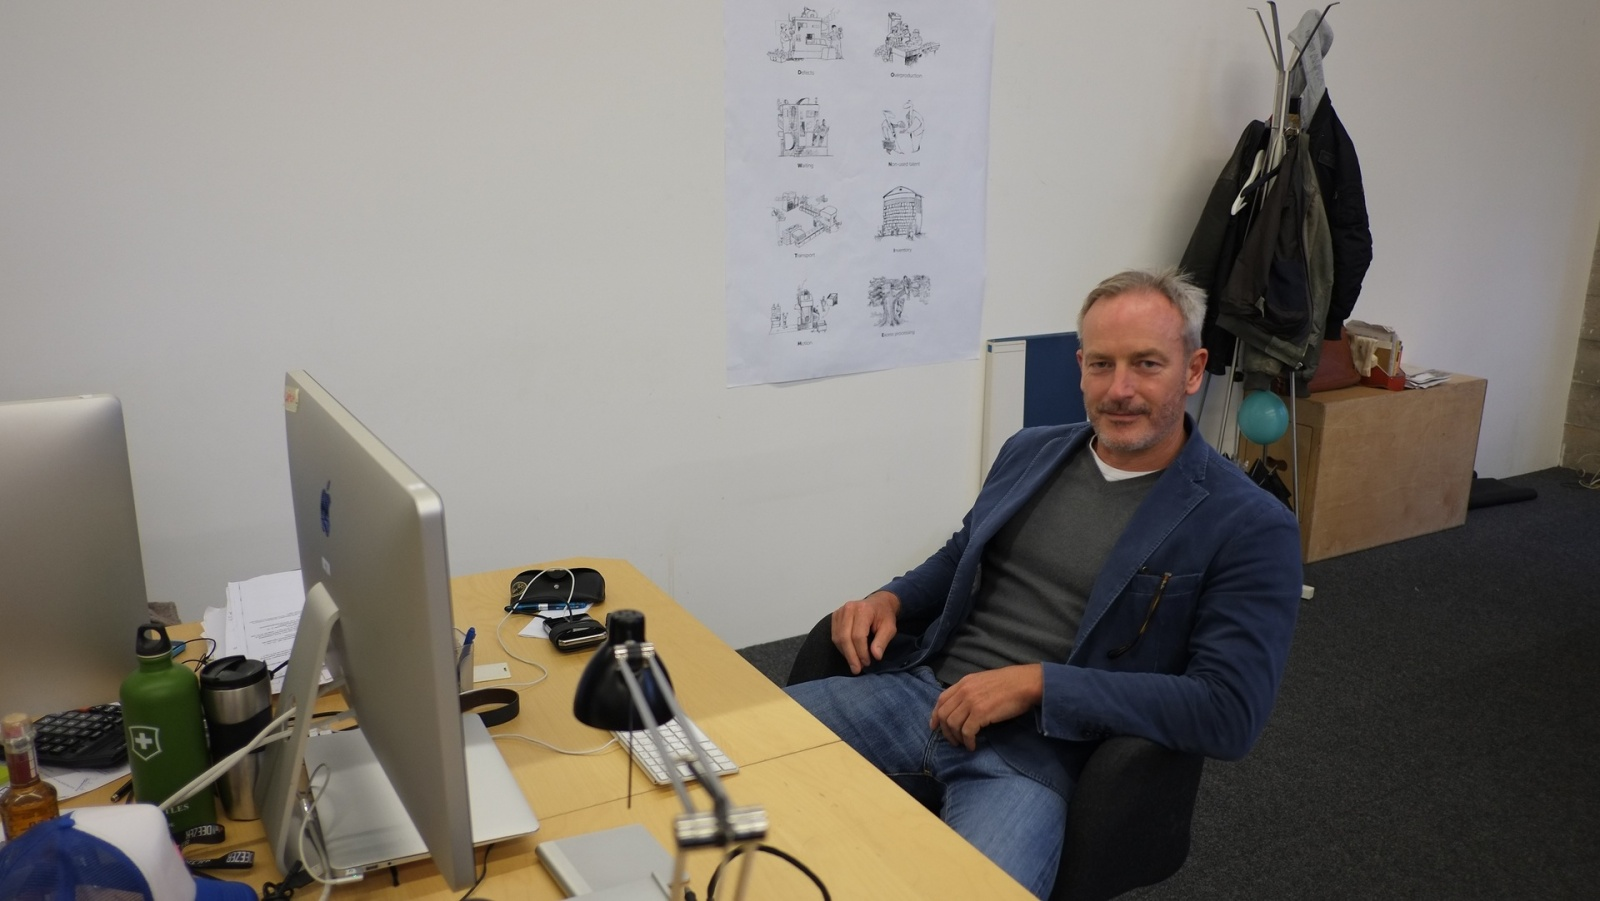 Большое интервью Саймона Данлопа — основателя Dream Industries: как вывести российские ИТ-продукты на мировой рынок - 7